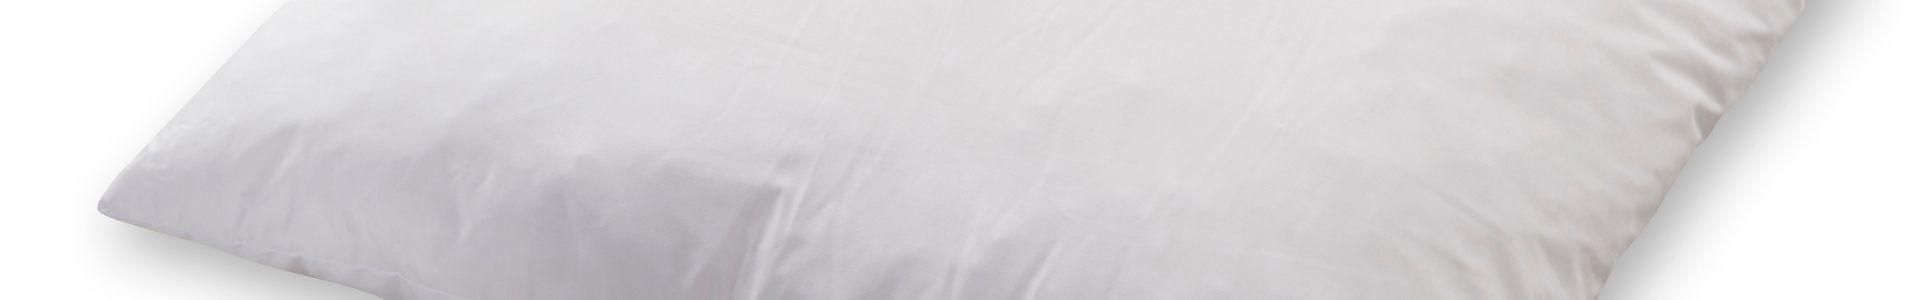 Soft pillow